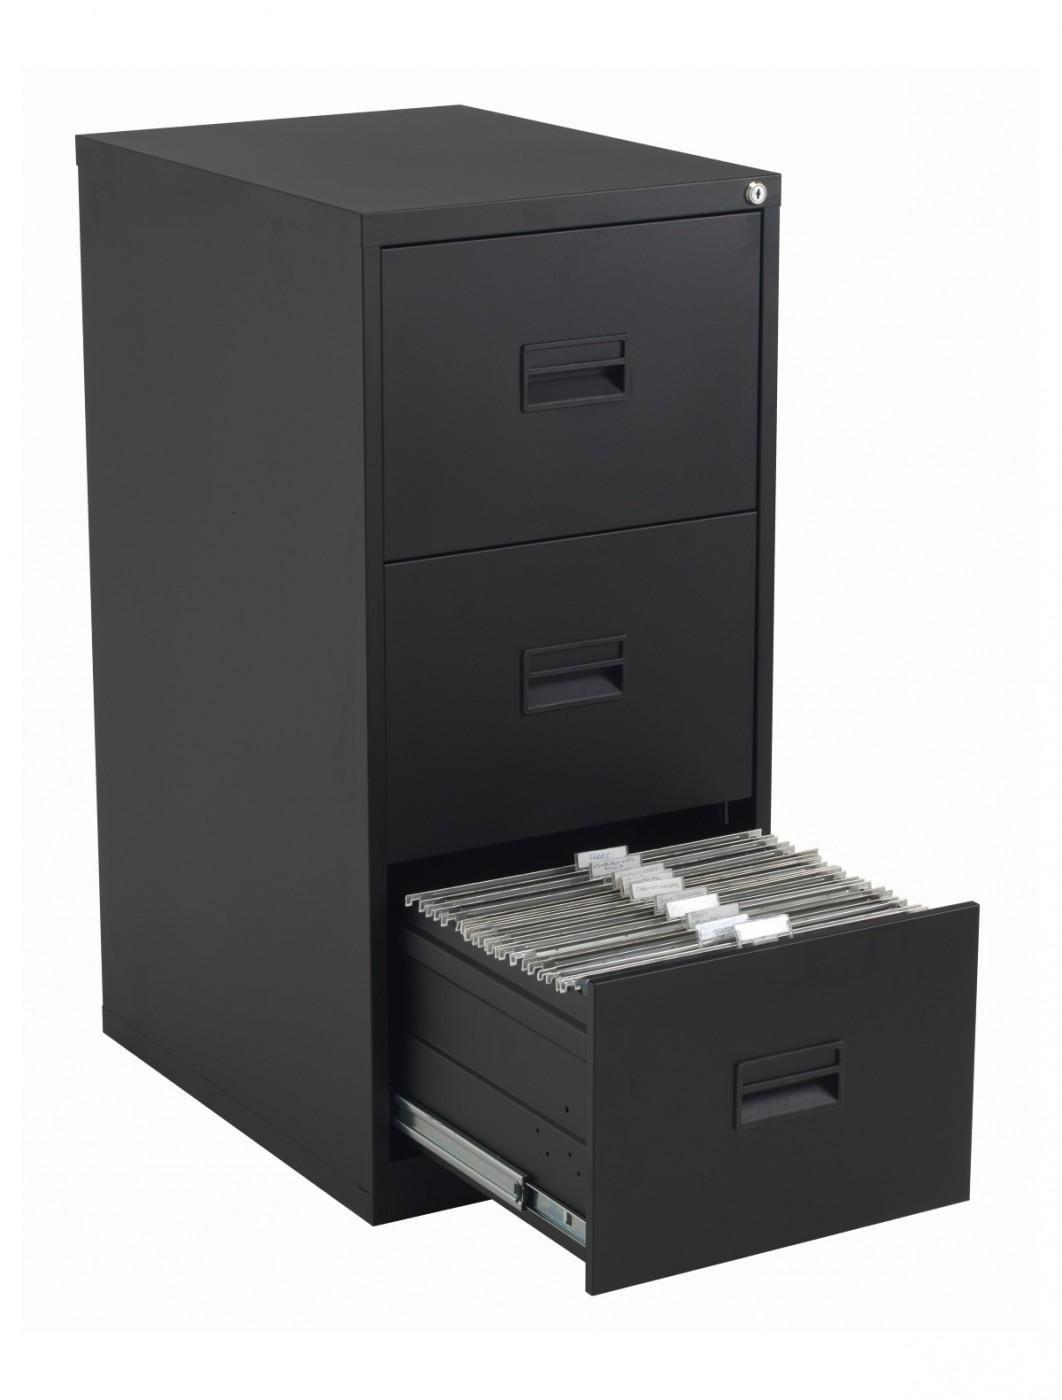 TC Talos 3 Drawer Steel Filing Cabinet TCS3FC-BK in Black ...